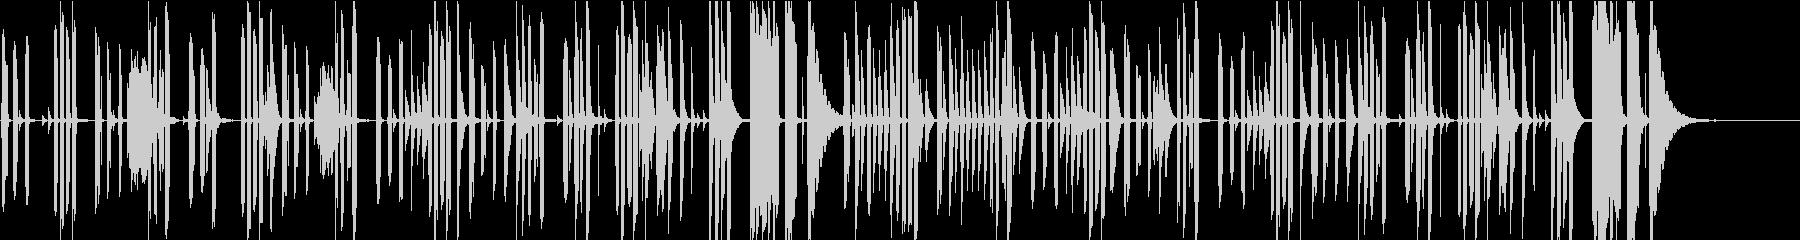 会話シーン・音数少なめシンプルなピアノの未再生の波形